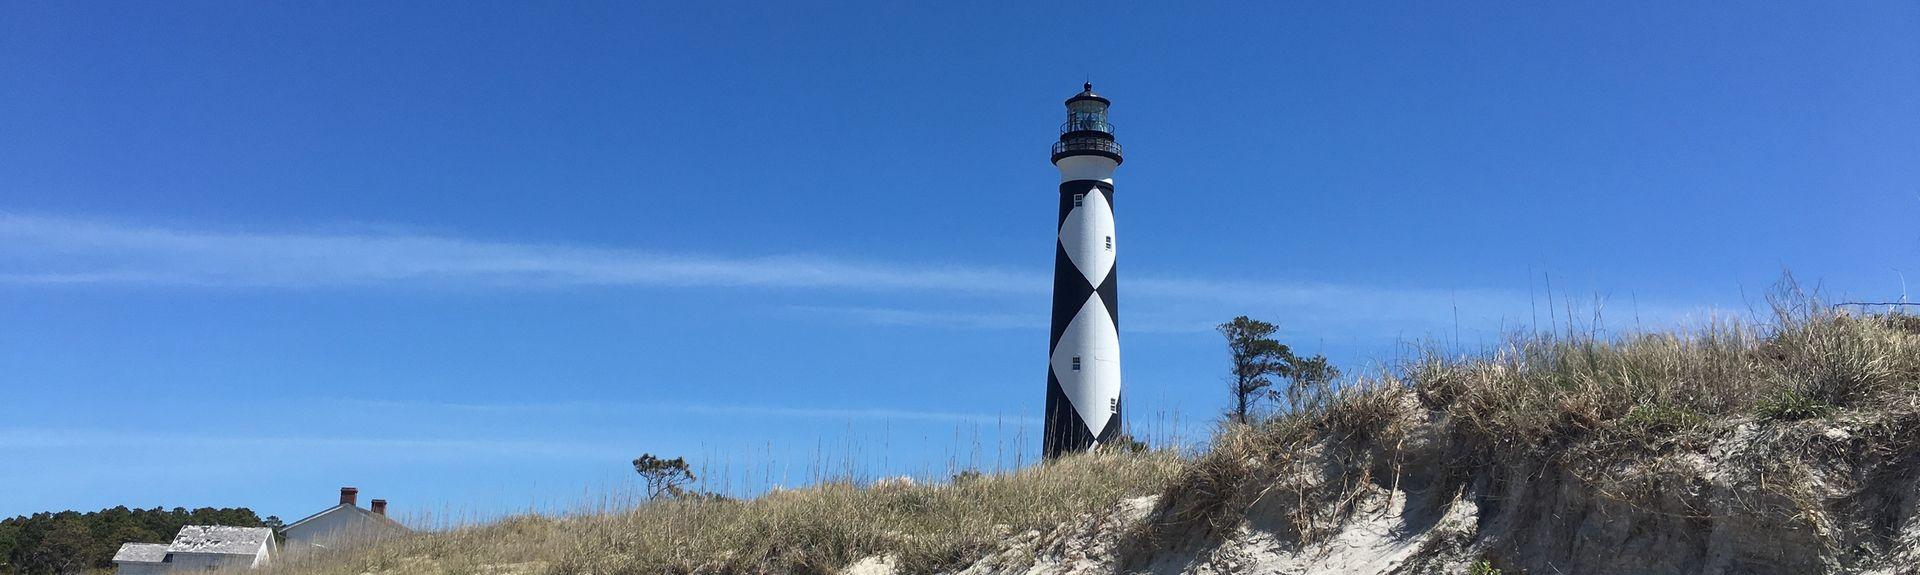 Minnesott Beach, Carolina do Norte, Estados Unidos